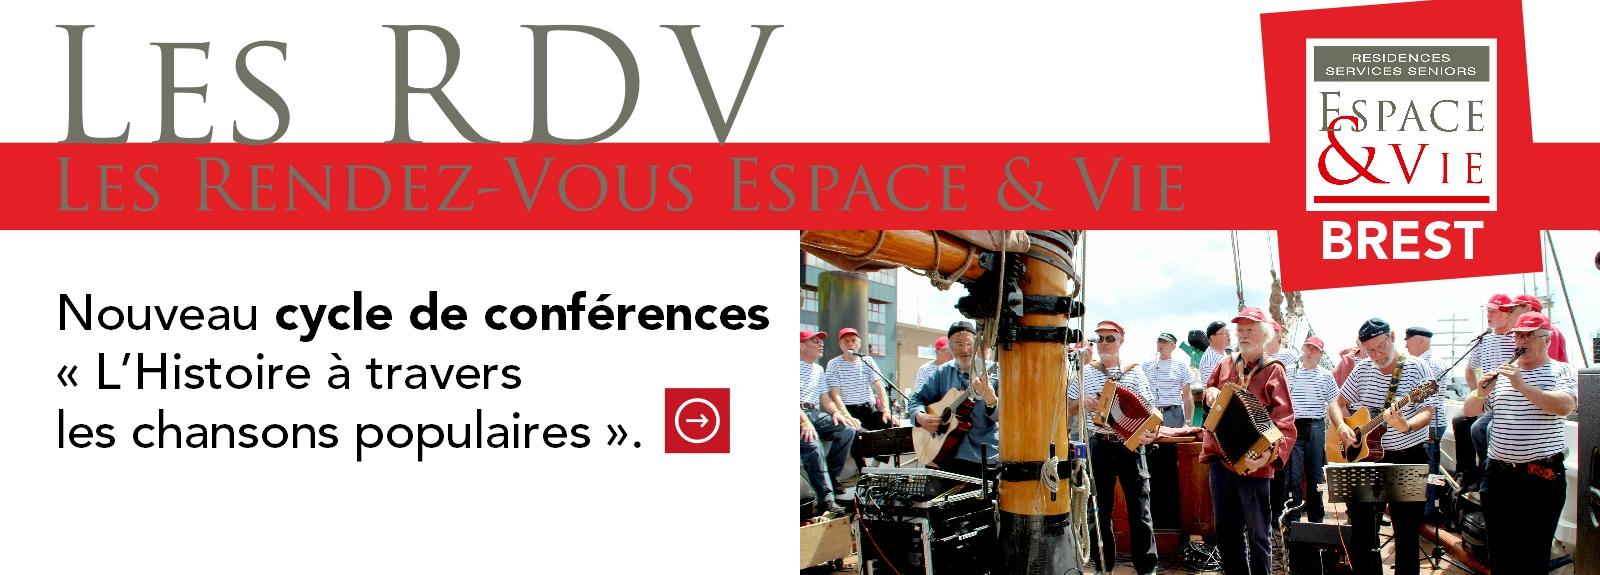 Nouveau cycle de conférences à Espace & Vie Brest